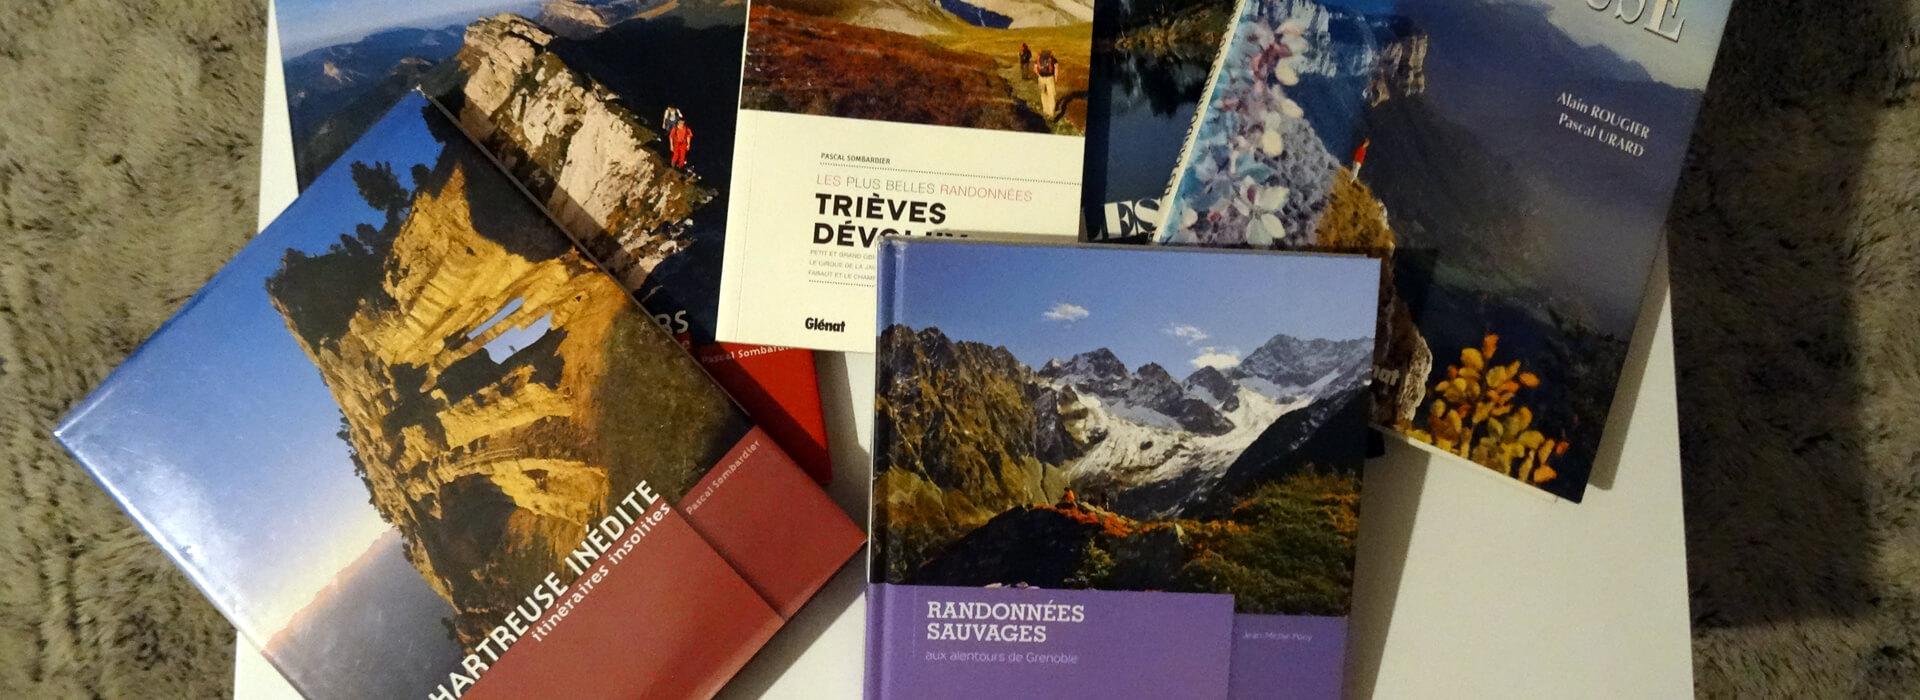 Les meilleurs livres de rando autour de Grenoble (itinéraires et topos)